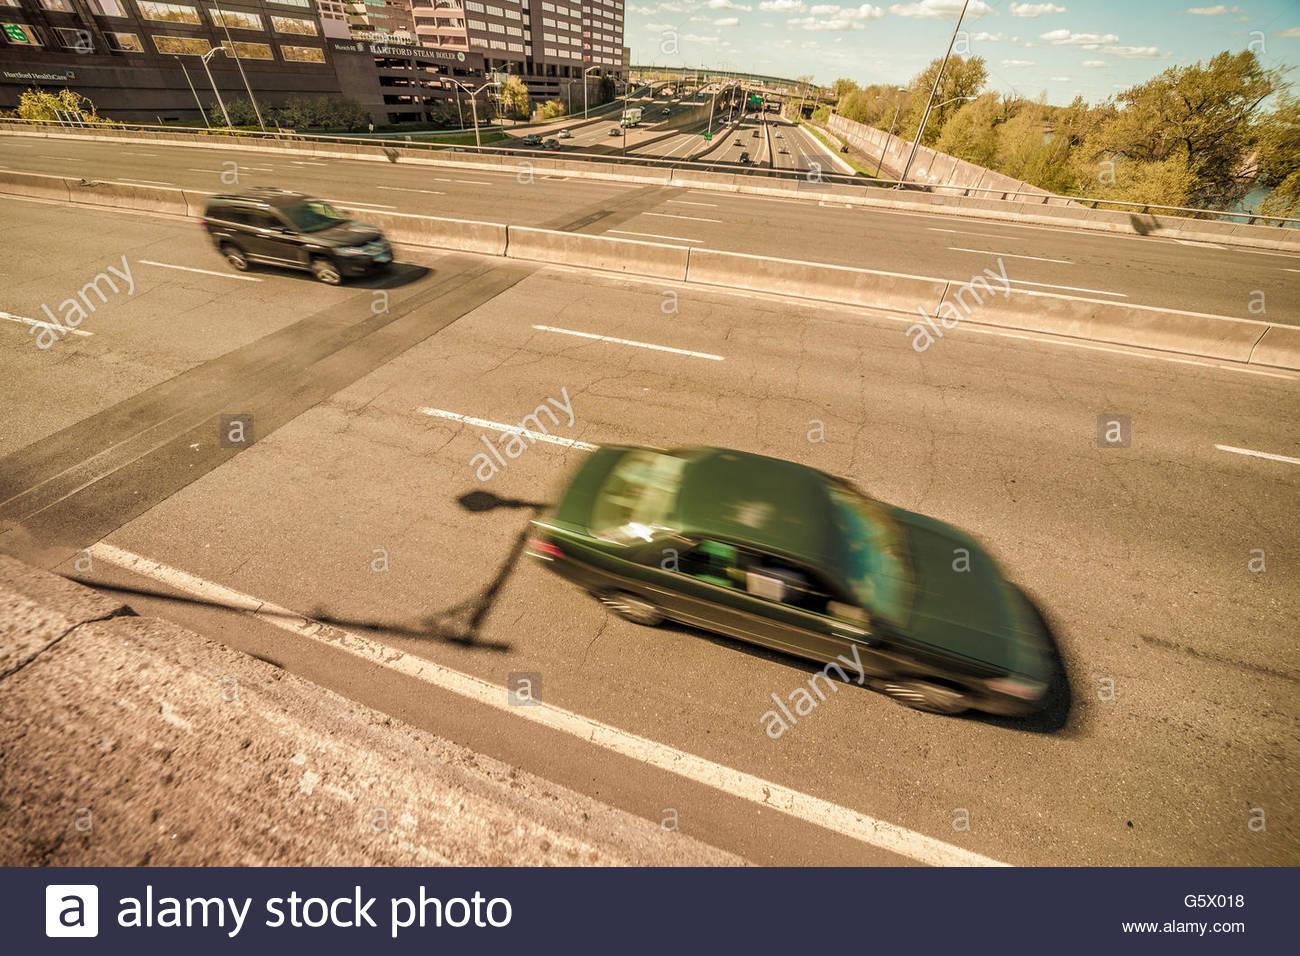 Los automóviles en una carretera. Imagen De Stock